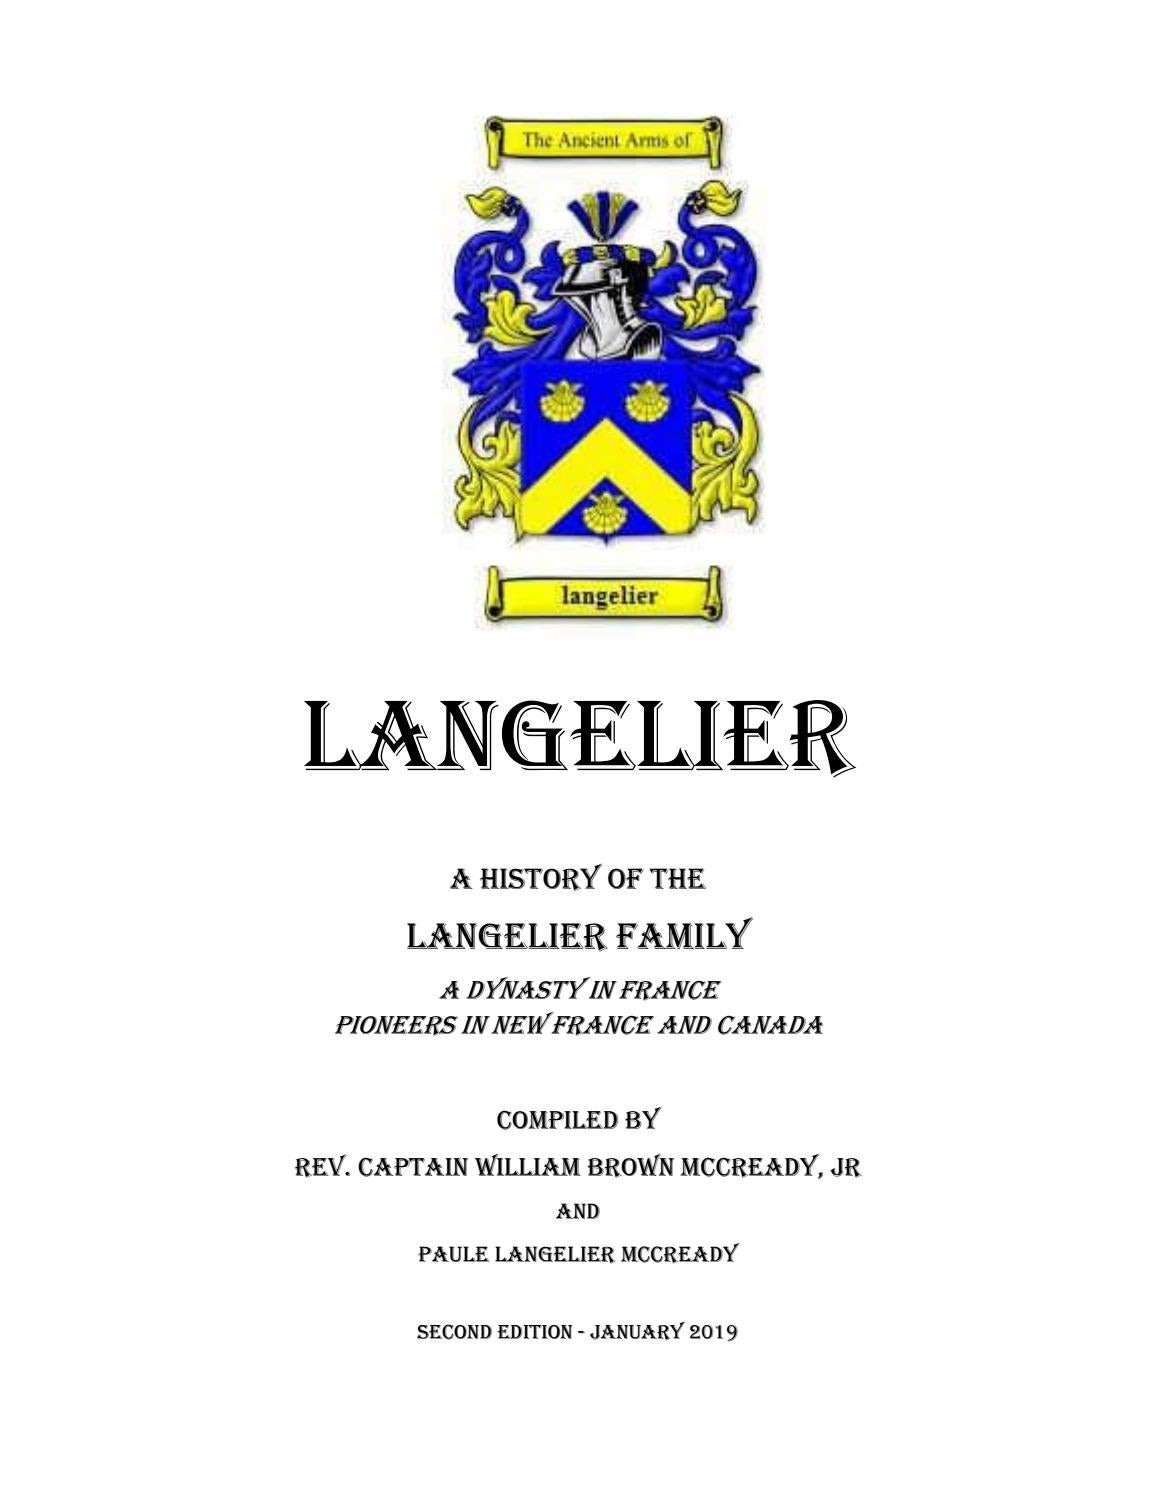 Imprimerie De L Ouest Parisien langelier family history - english editionwilliam brown